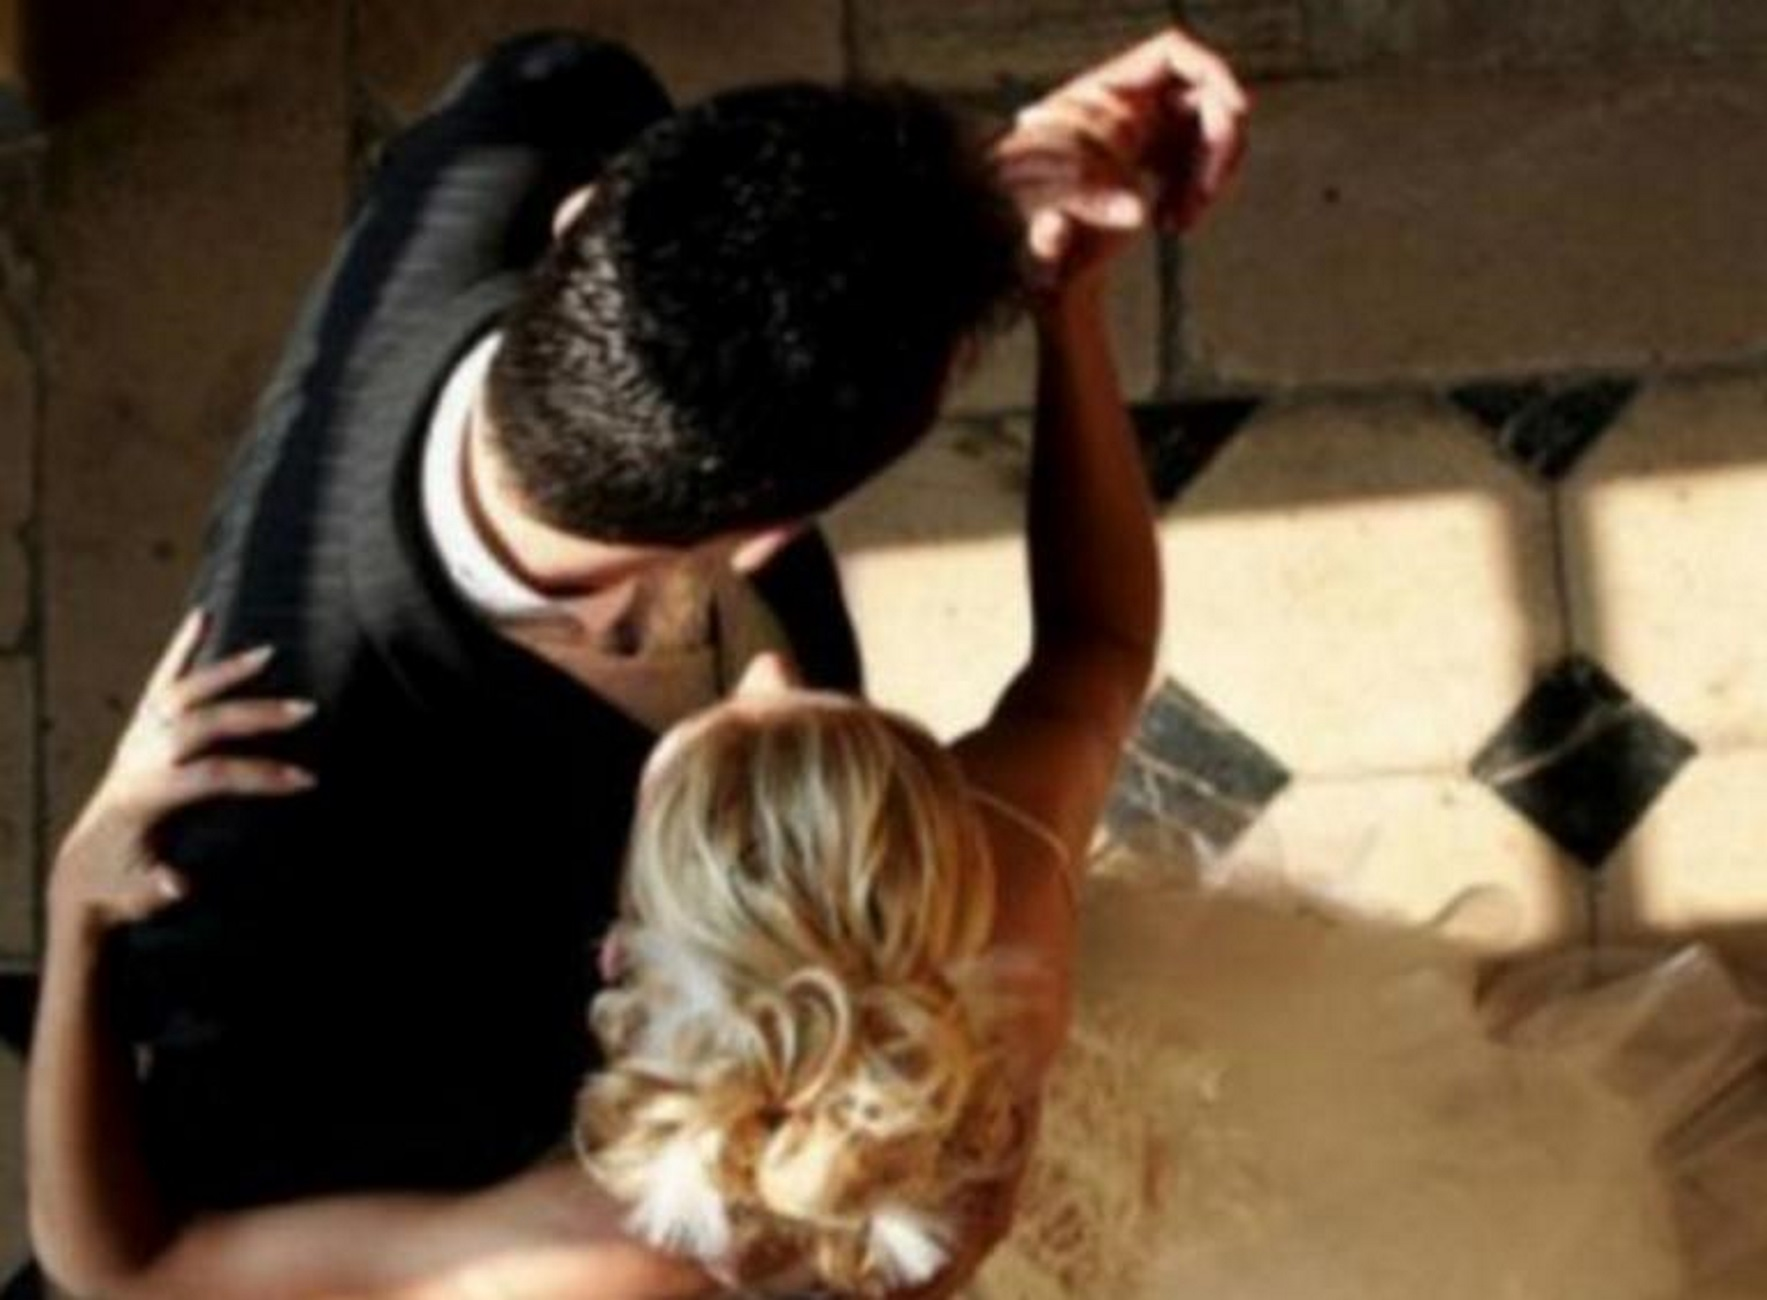 Αχαϊα: Χαμός σε γαμήλιο γλέντι με 450 καλεσμένους σε σπίτι! Οι εικόνες που είδαν οι αστυνομικοί